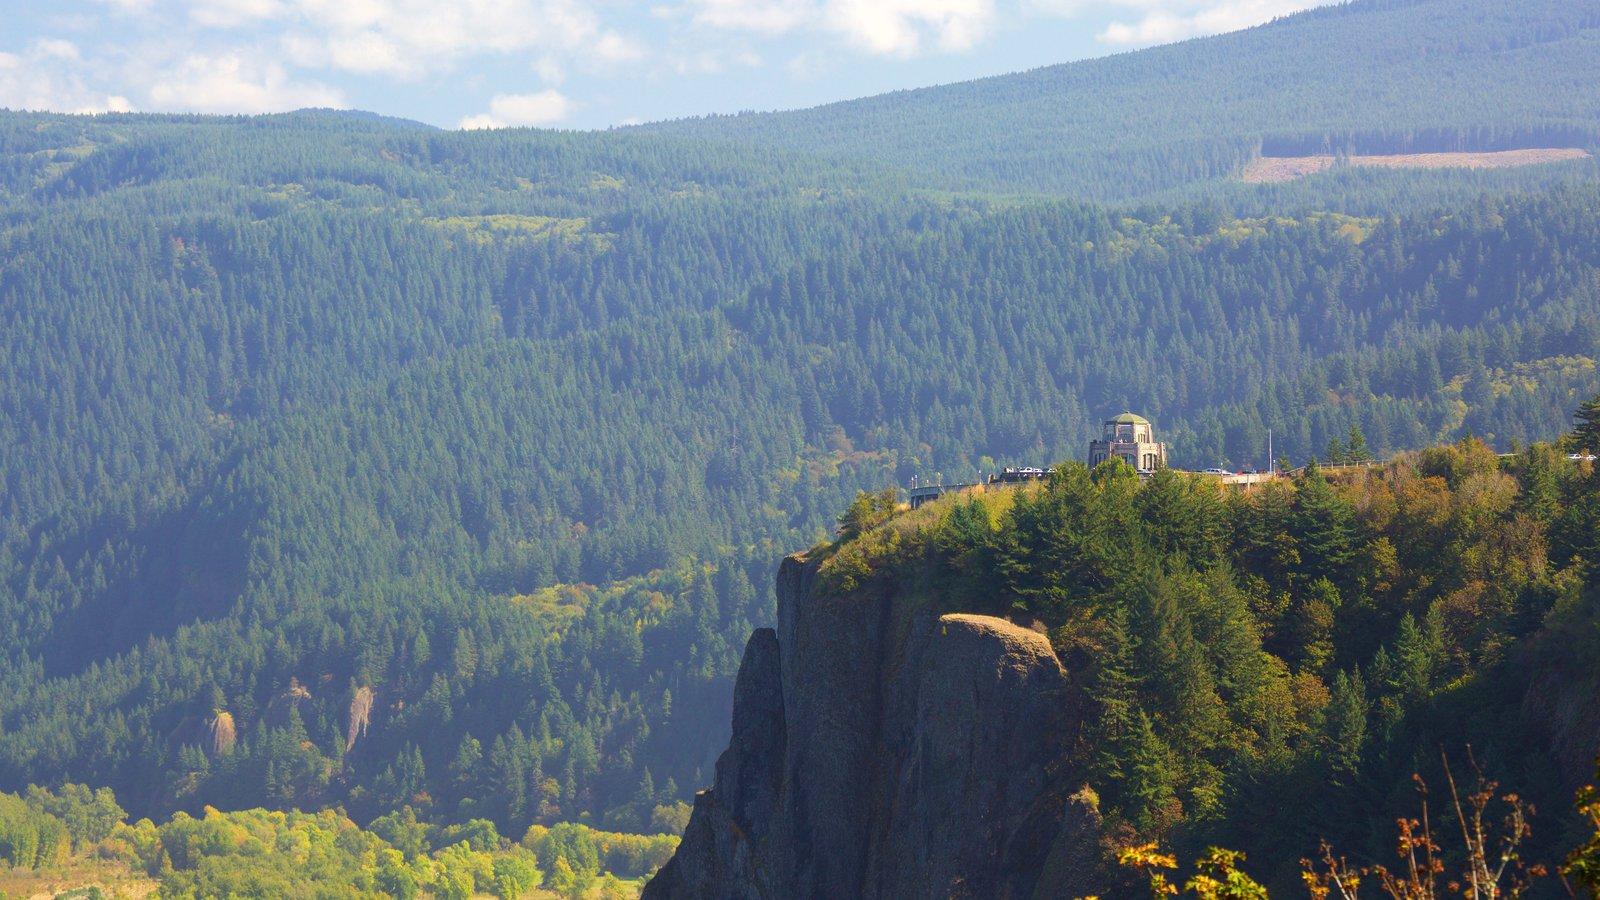 Portland mostrando vistas de paisajes y montañas